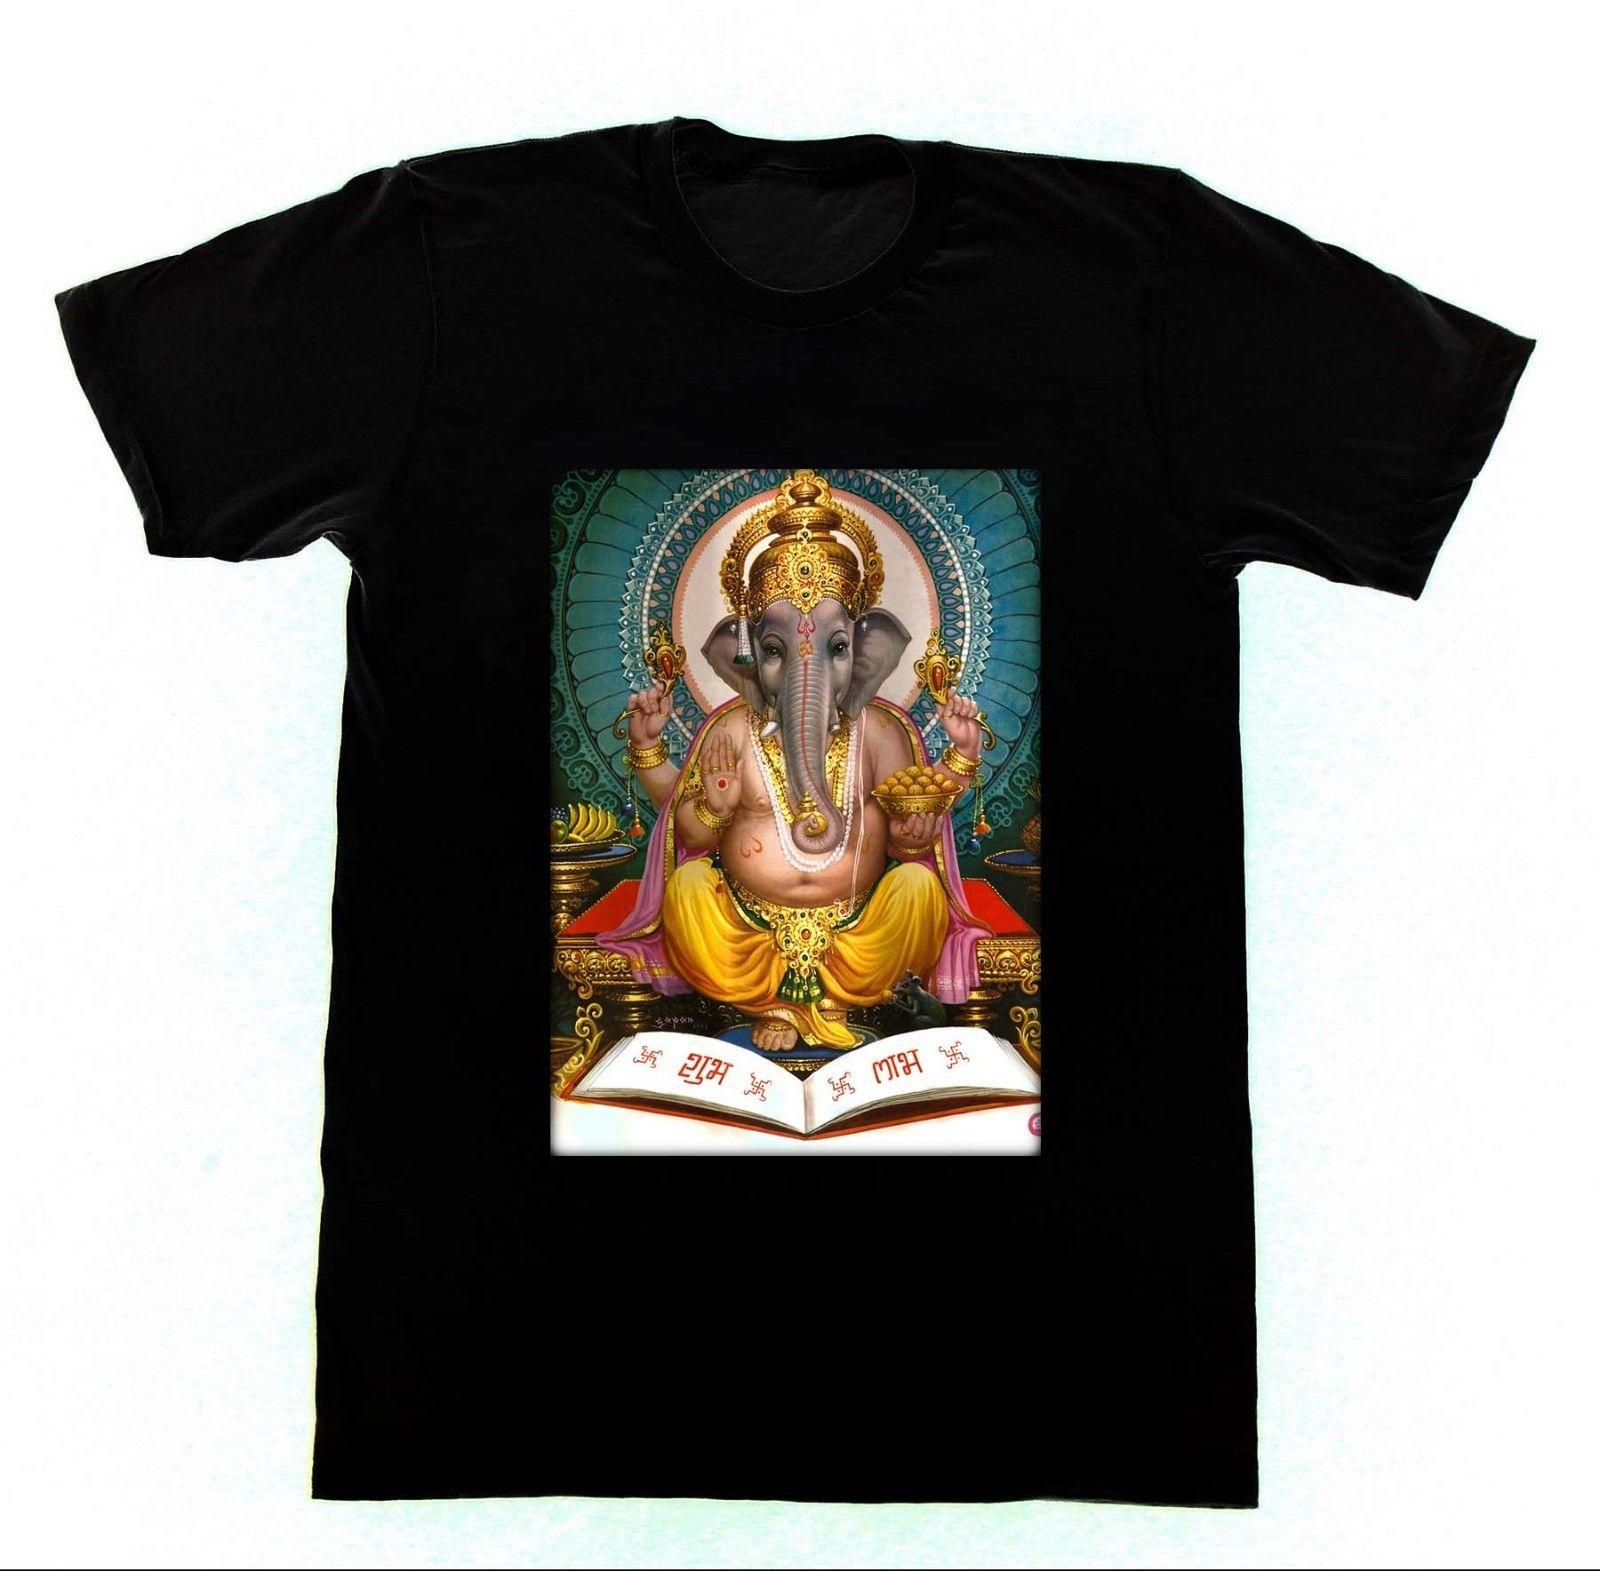 Футболка Ganesh Kali Shiva Krishna Hinduism Yogaer мужская летняя с круглым вырезом из хлопка обычная|Футболки| | АлиЭкспресс